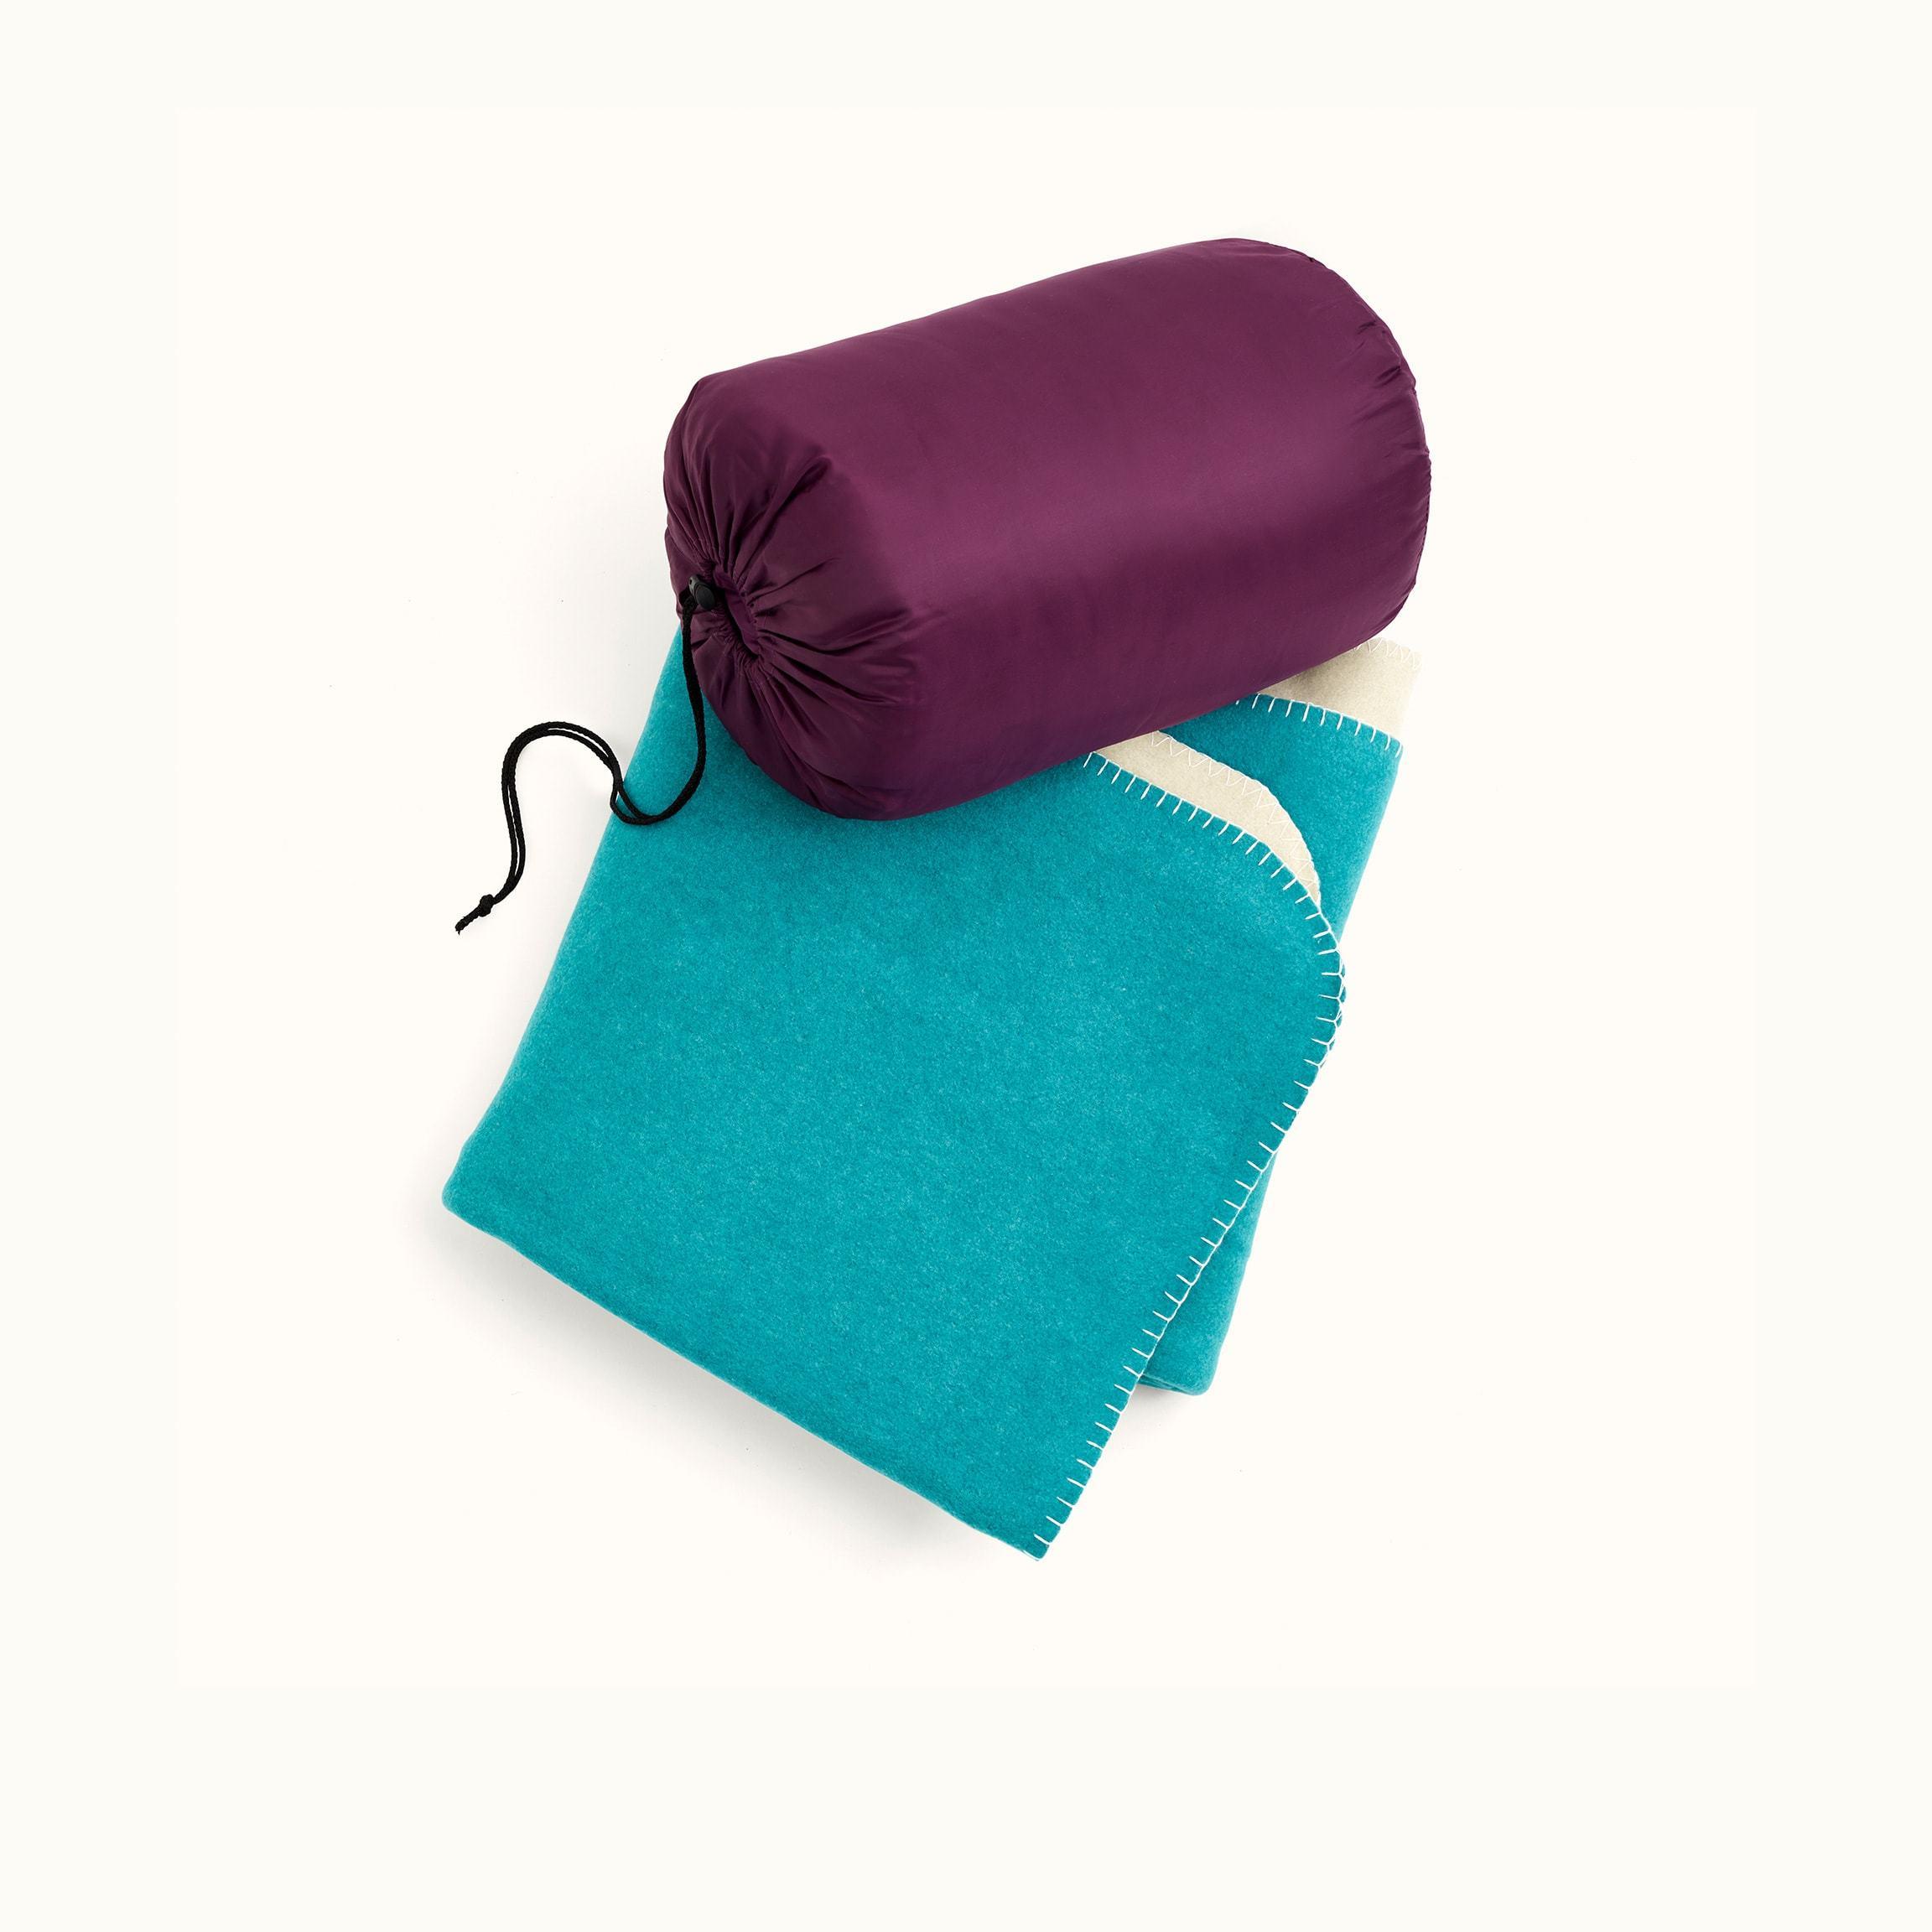 Warm blanket & Sleeping bag